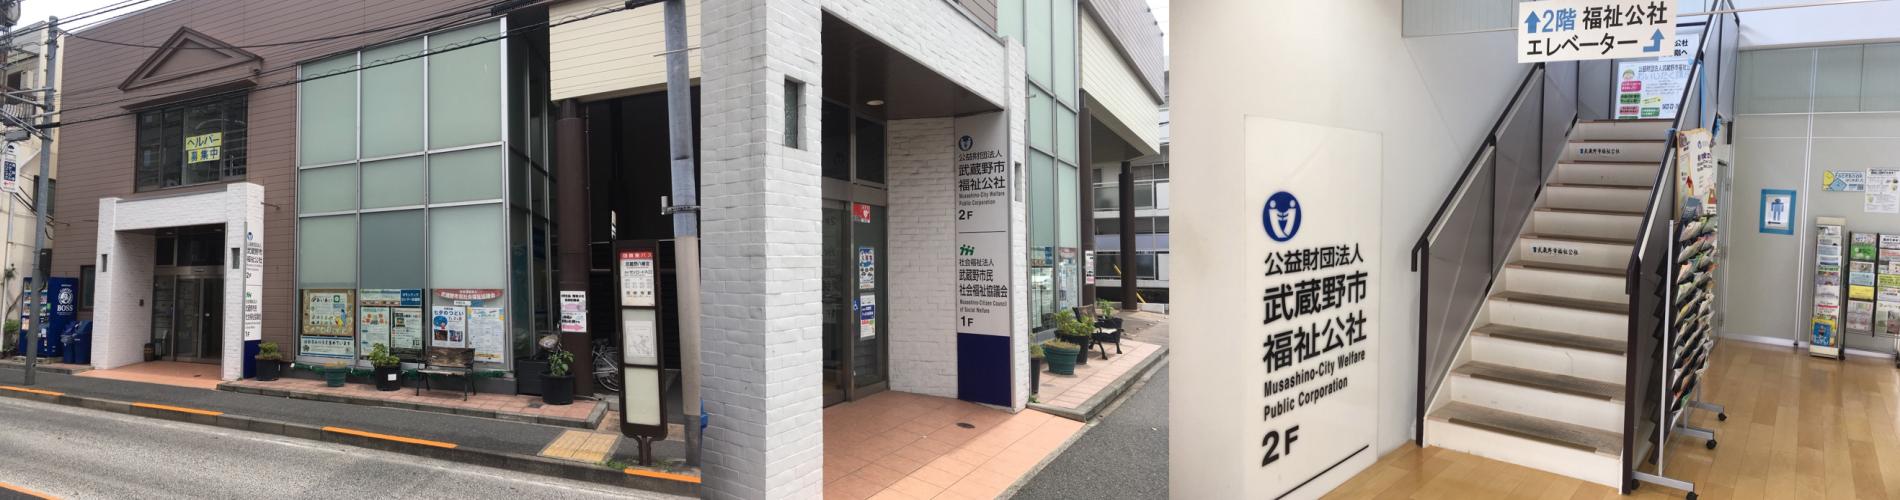 武蔵野市福祉公社